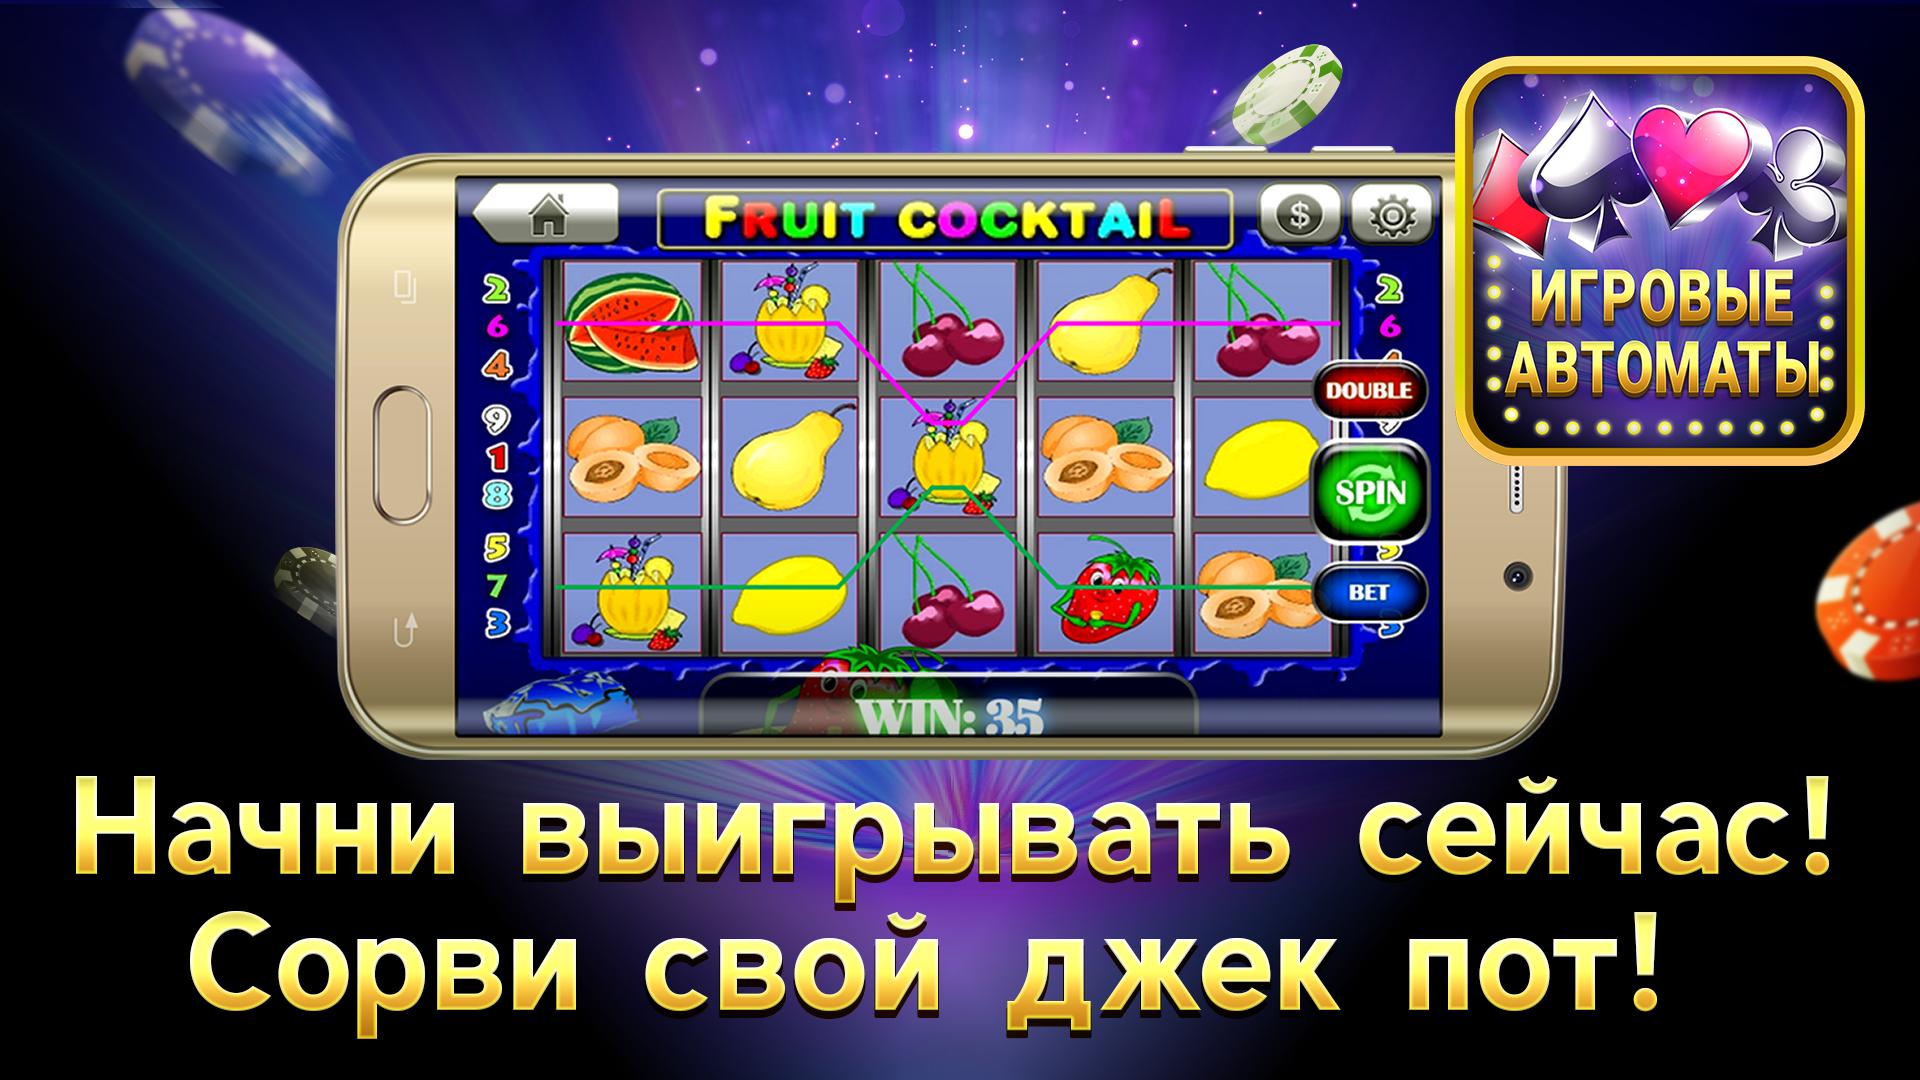 https://vulcan-russiaclub.com/